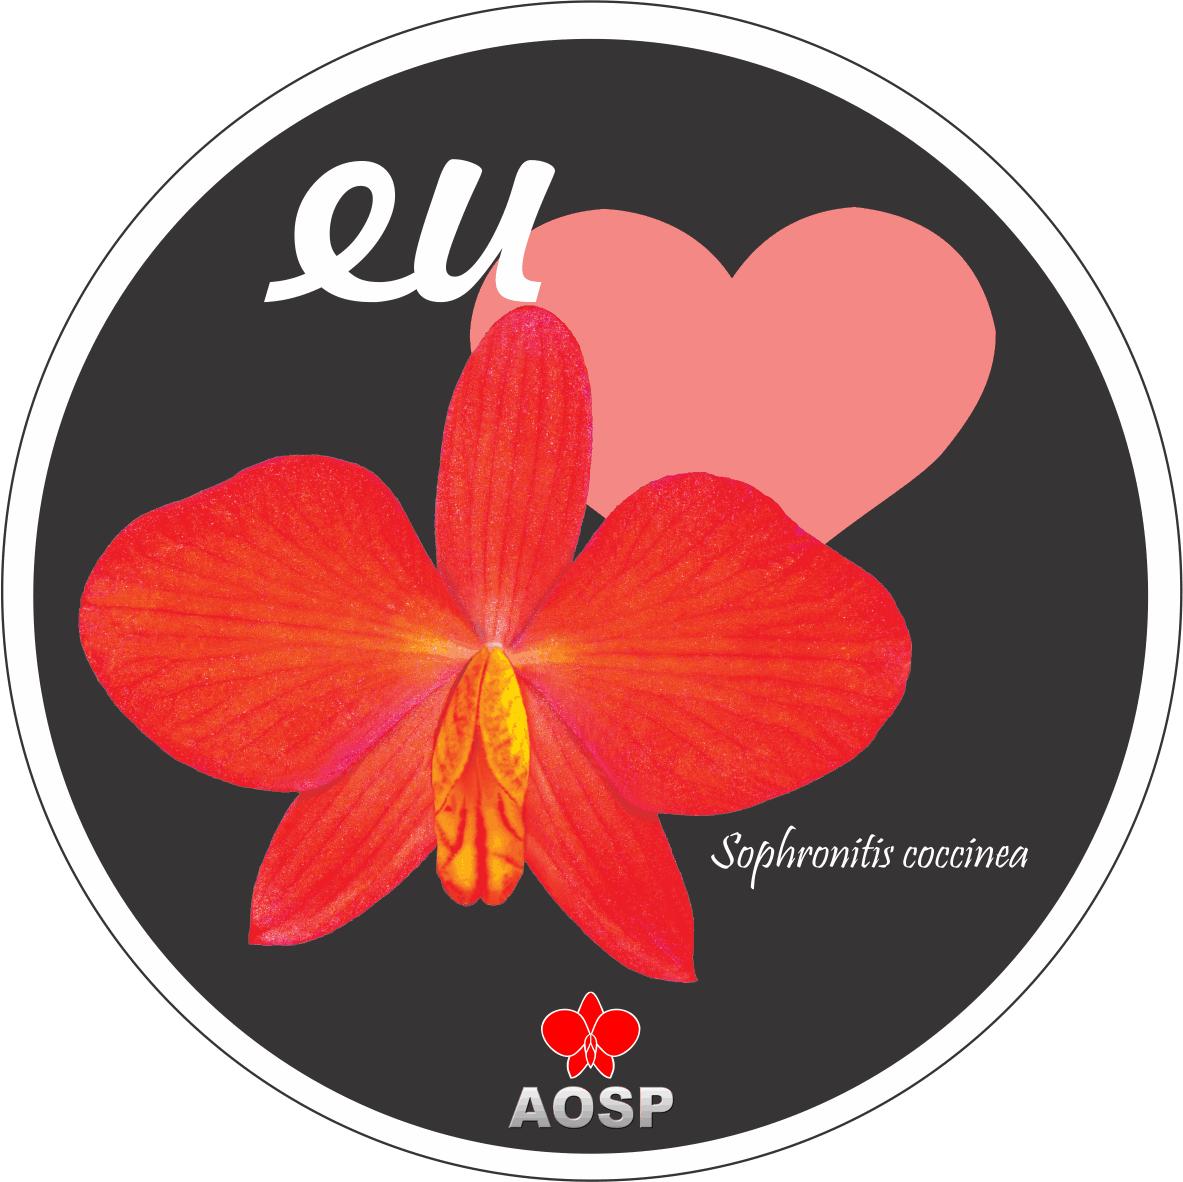 Adesivos AOSP - Sophronitis coccinea